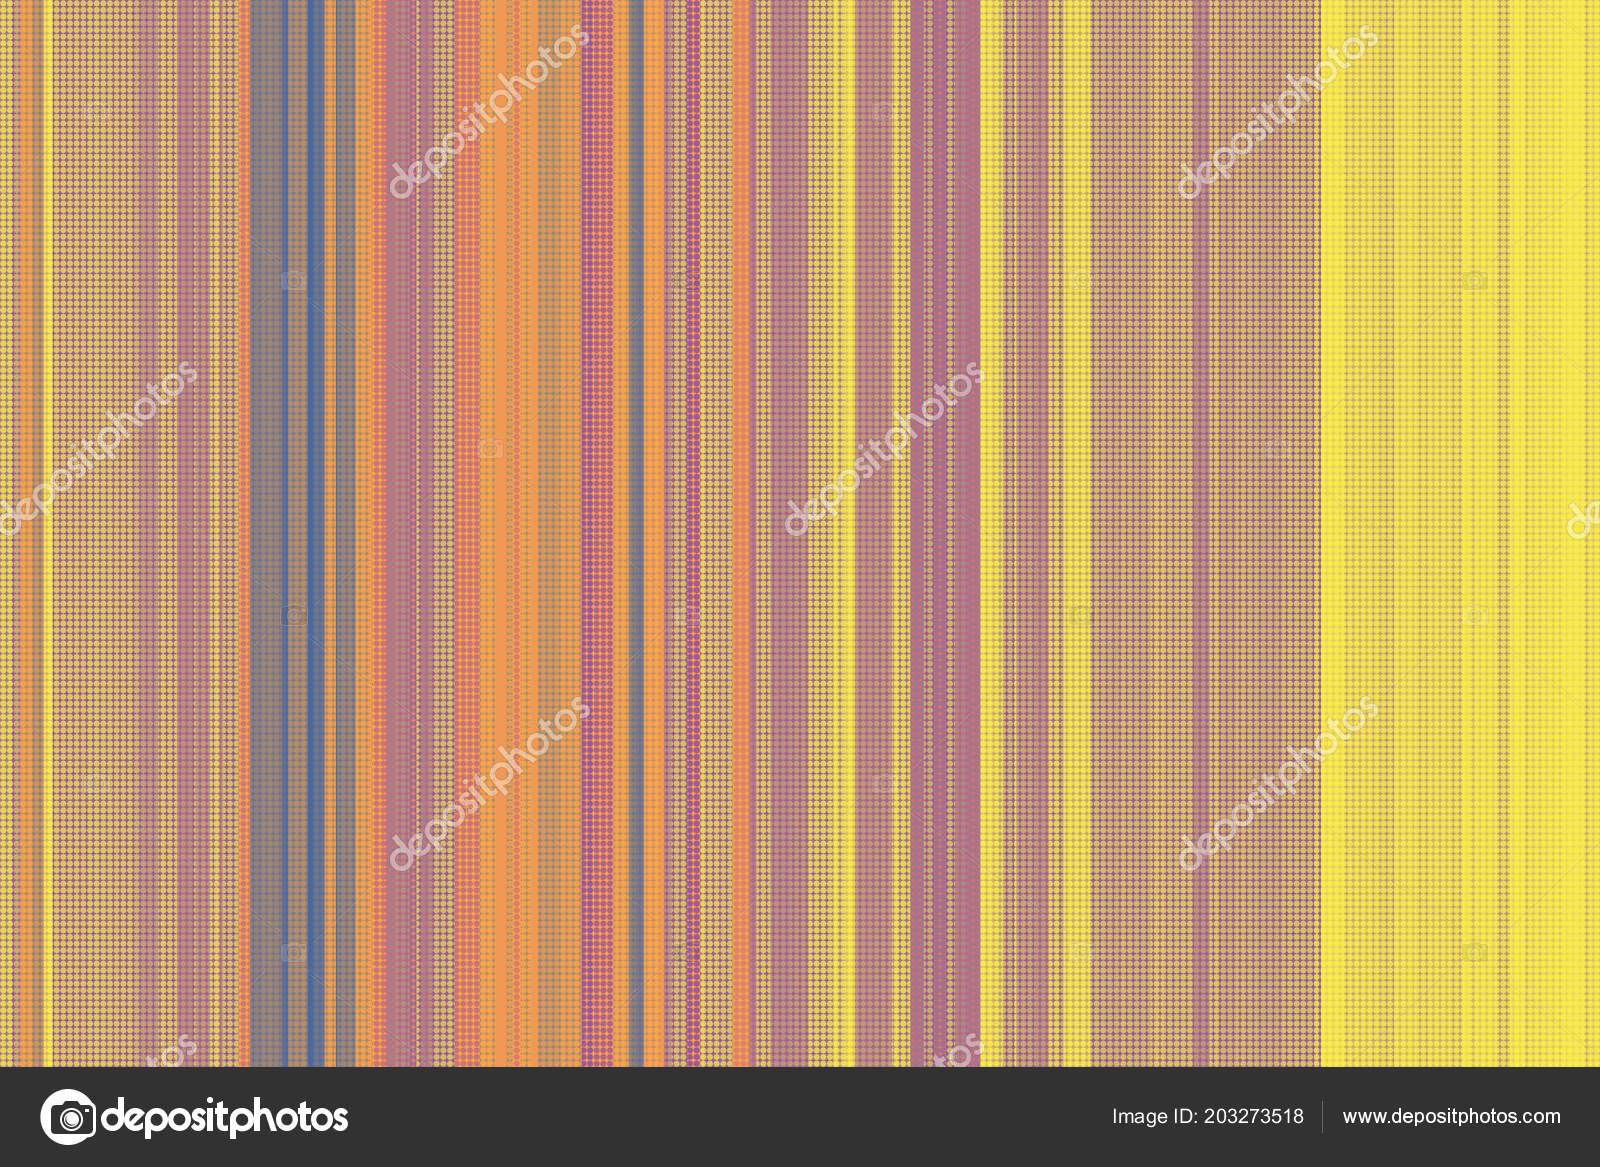 Carta Da Parati A Strisce Colorate.Carta Parati Pastello Design Creativo Modello Strisce Colorate Senza